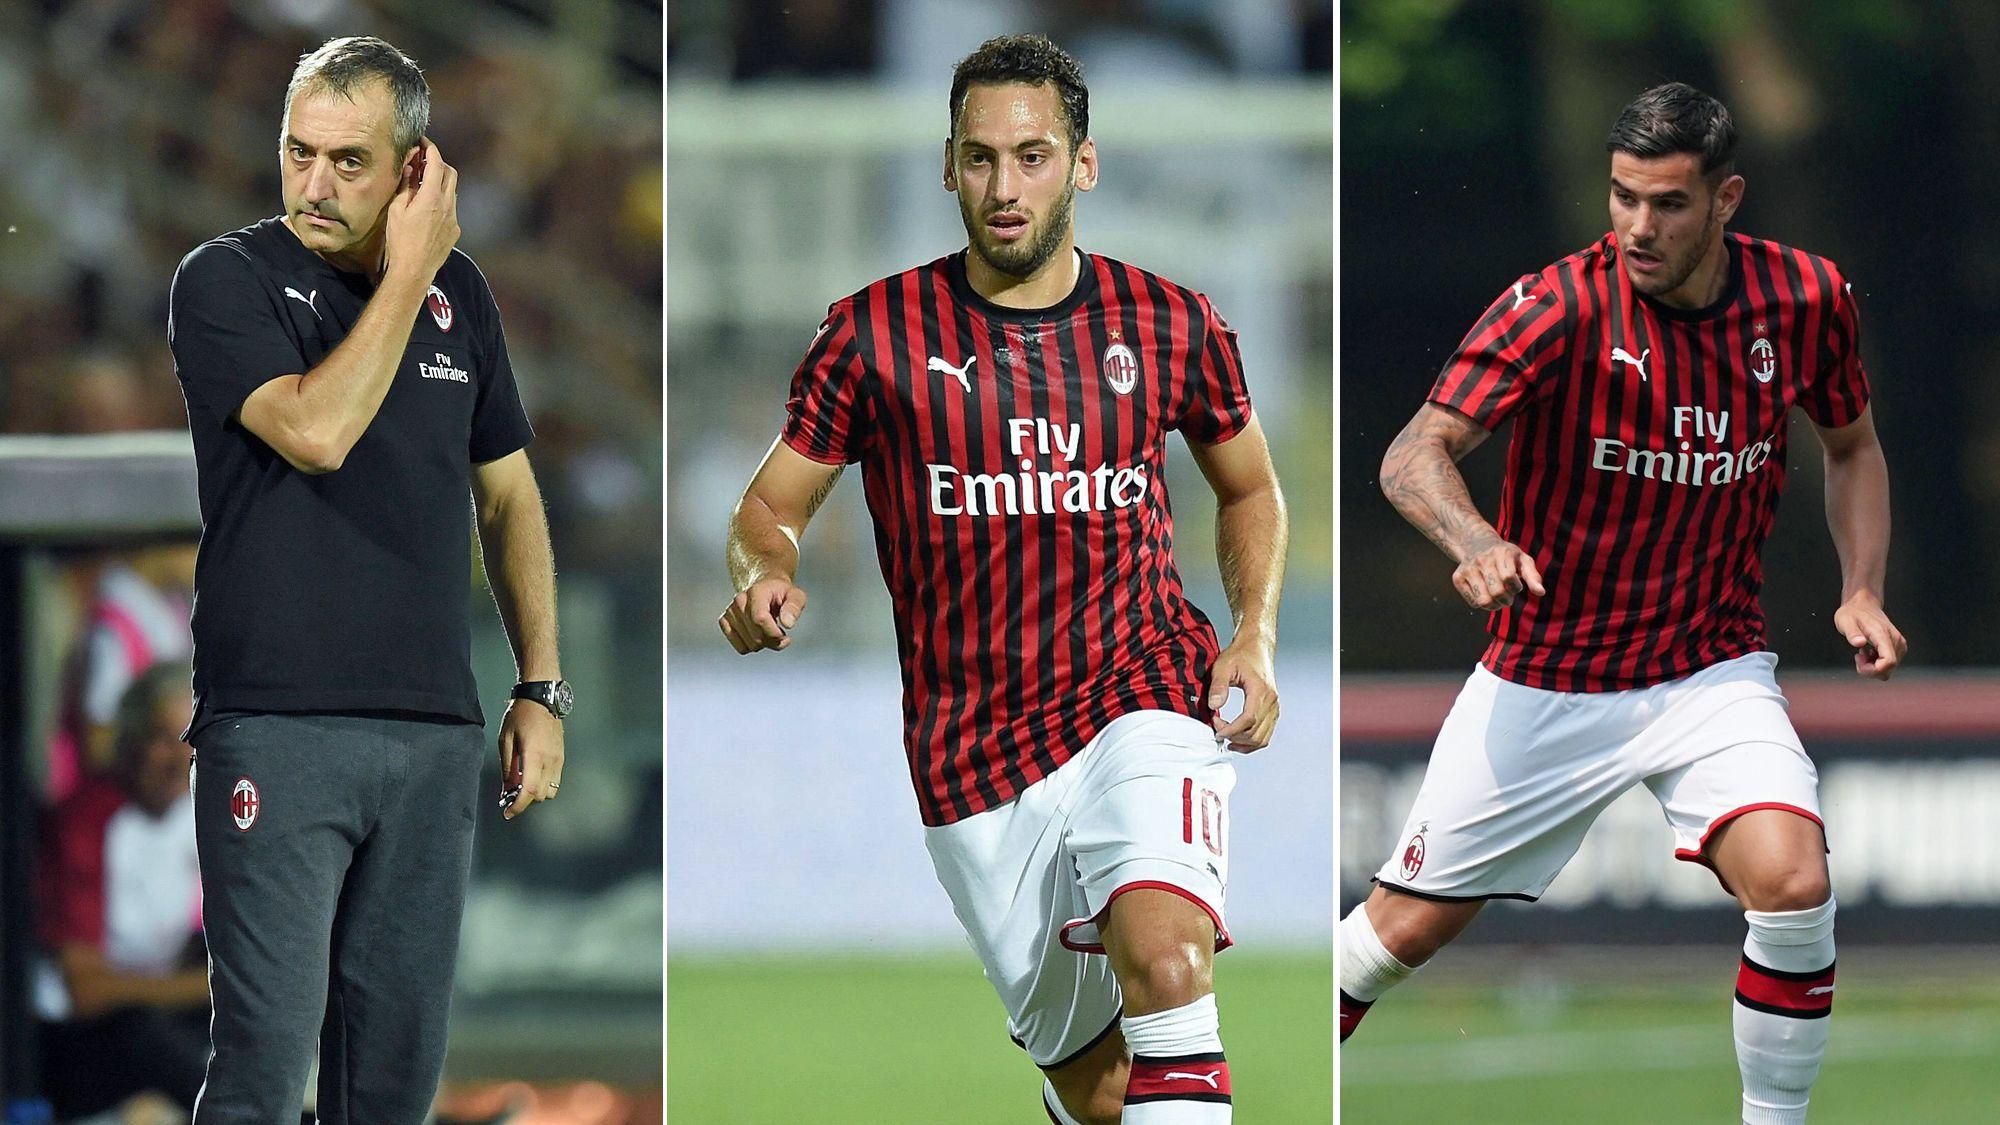 Milans Investition in die Zukunft - Hilft der Ausschluss aus der Europa League sogar? - AC Mailand im Check: Marco Giampaolos Philosophie passt zum Klub aus der Lombardei - kicker